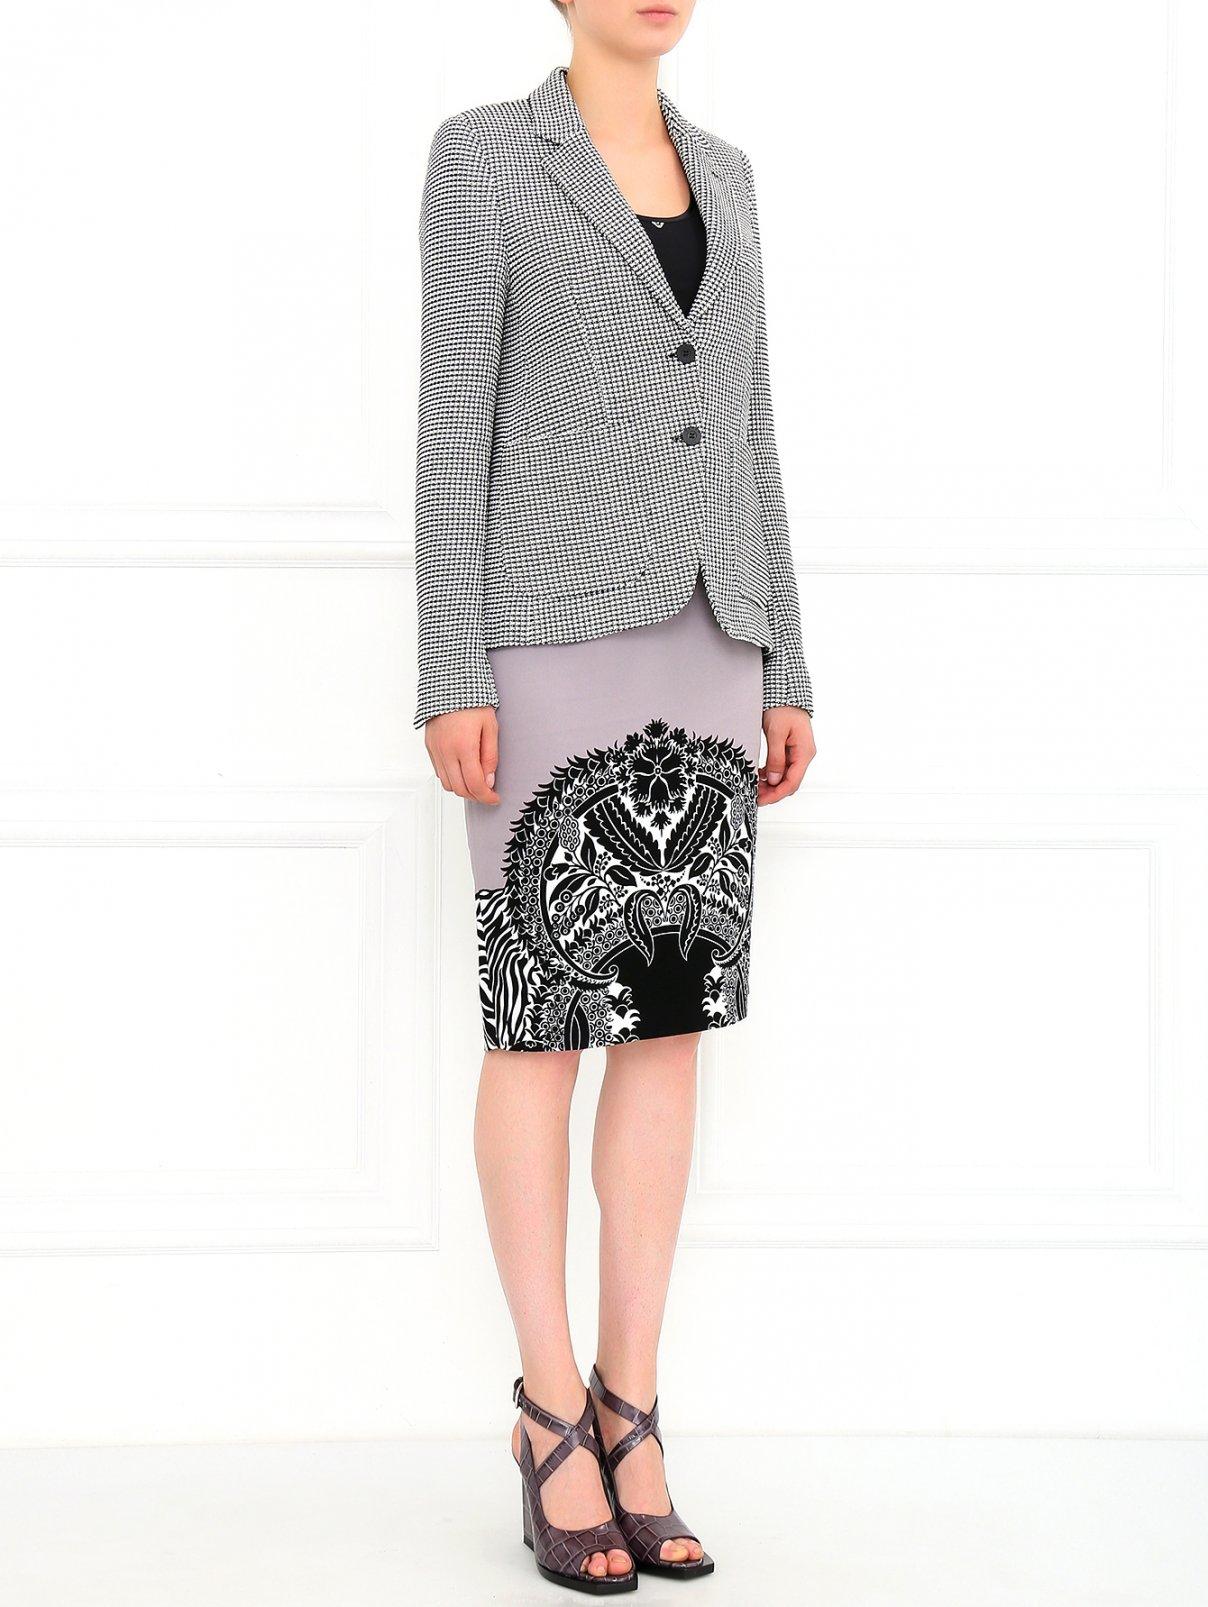 Кожаные босоножки на массивном каблуке Jil Sander  –  Модель Общий вид  – Цвет:  Серый